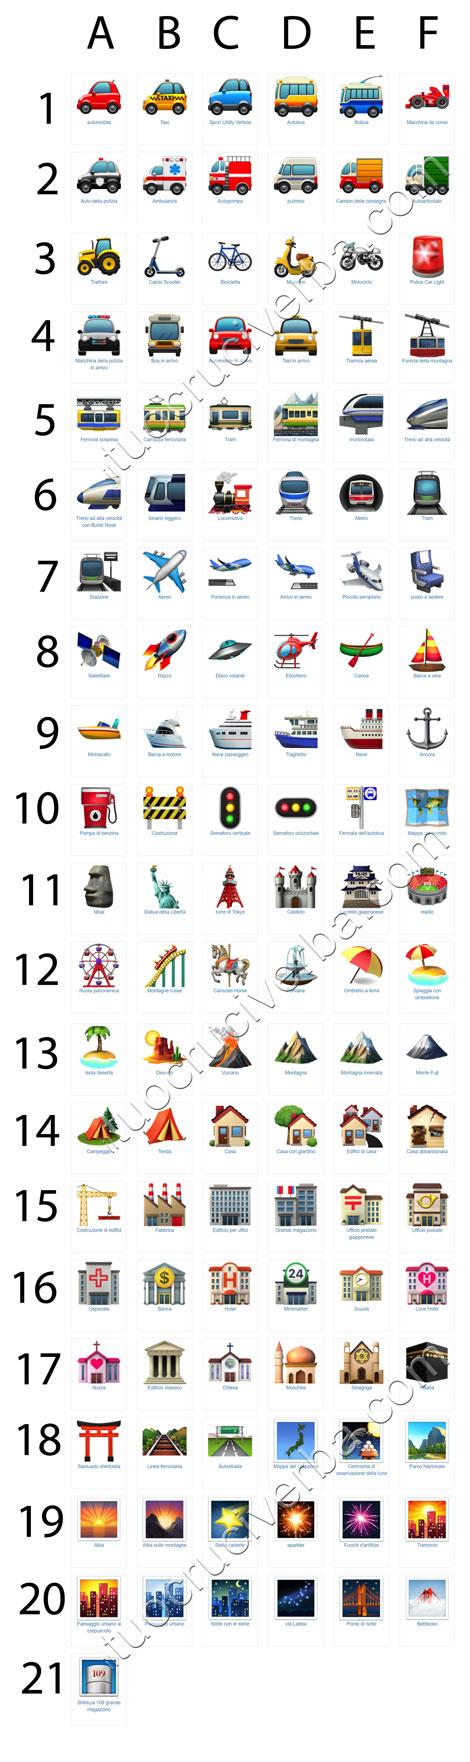 il significato degli emoji della categoria viaggi e luoghi